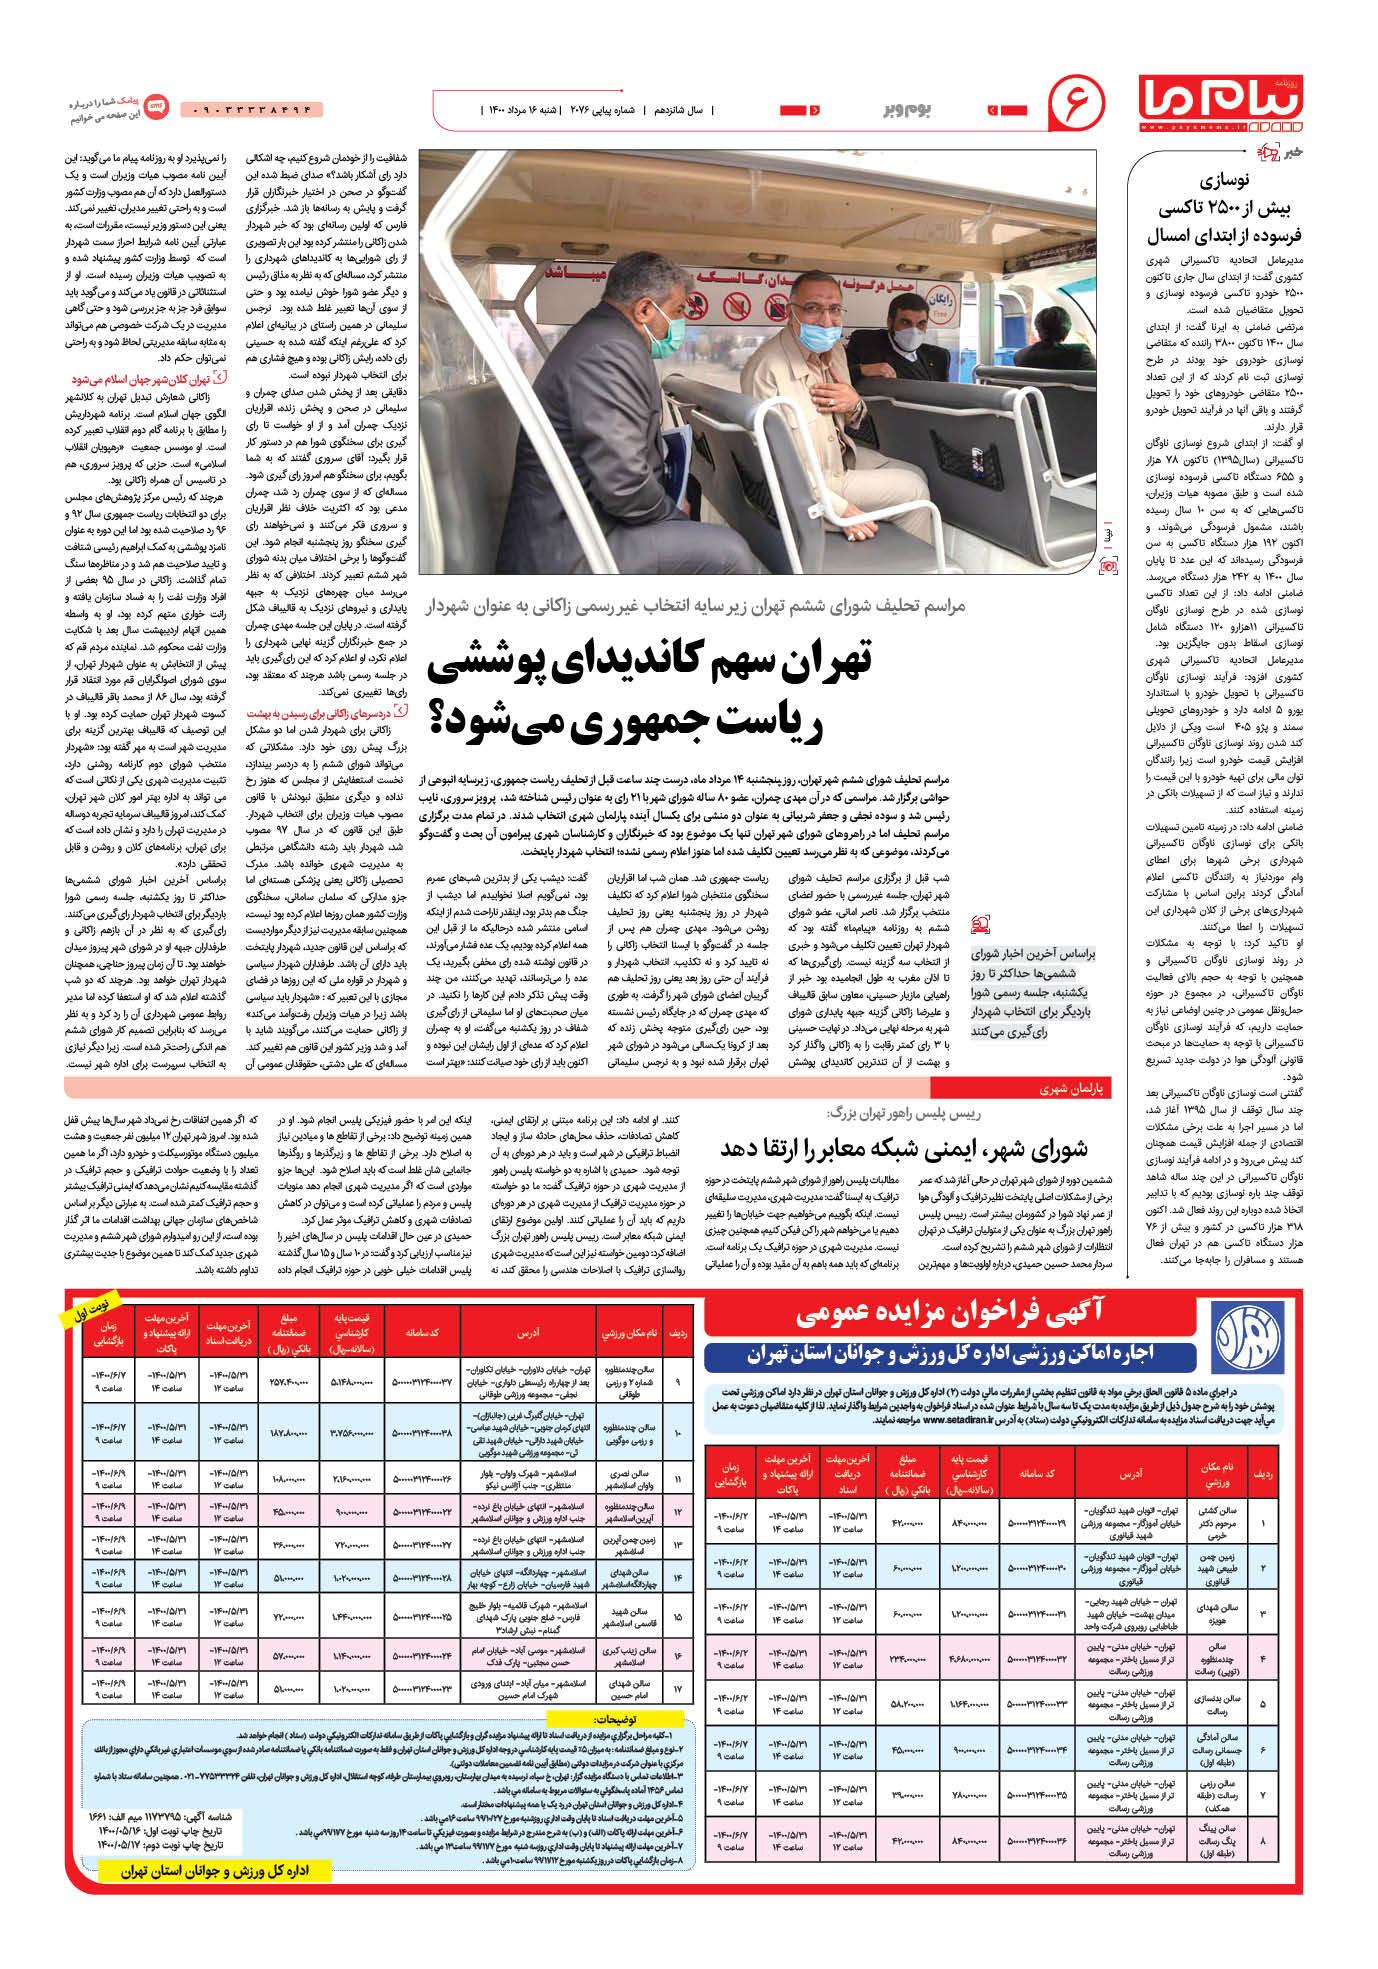 تهران سهم کاندیدای پوششی ریاست جمهوری میشود؟